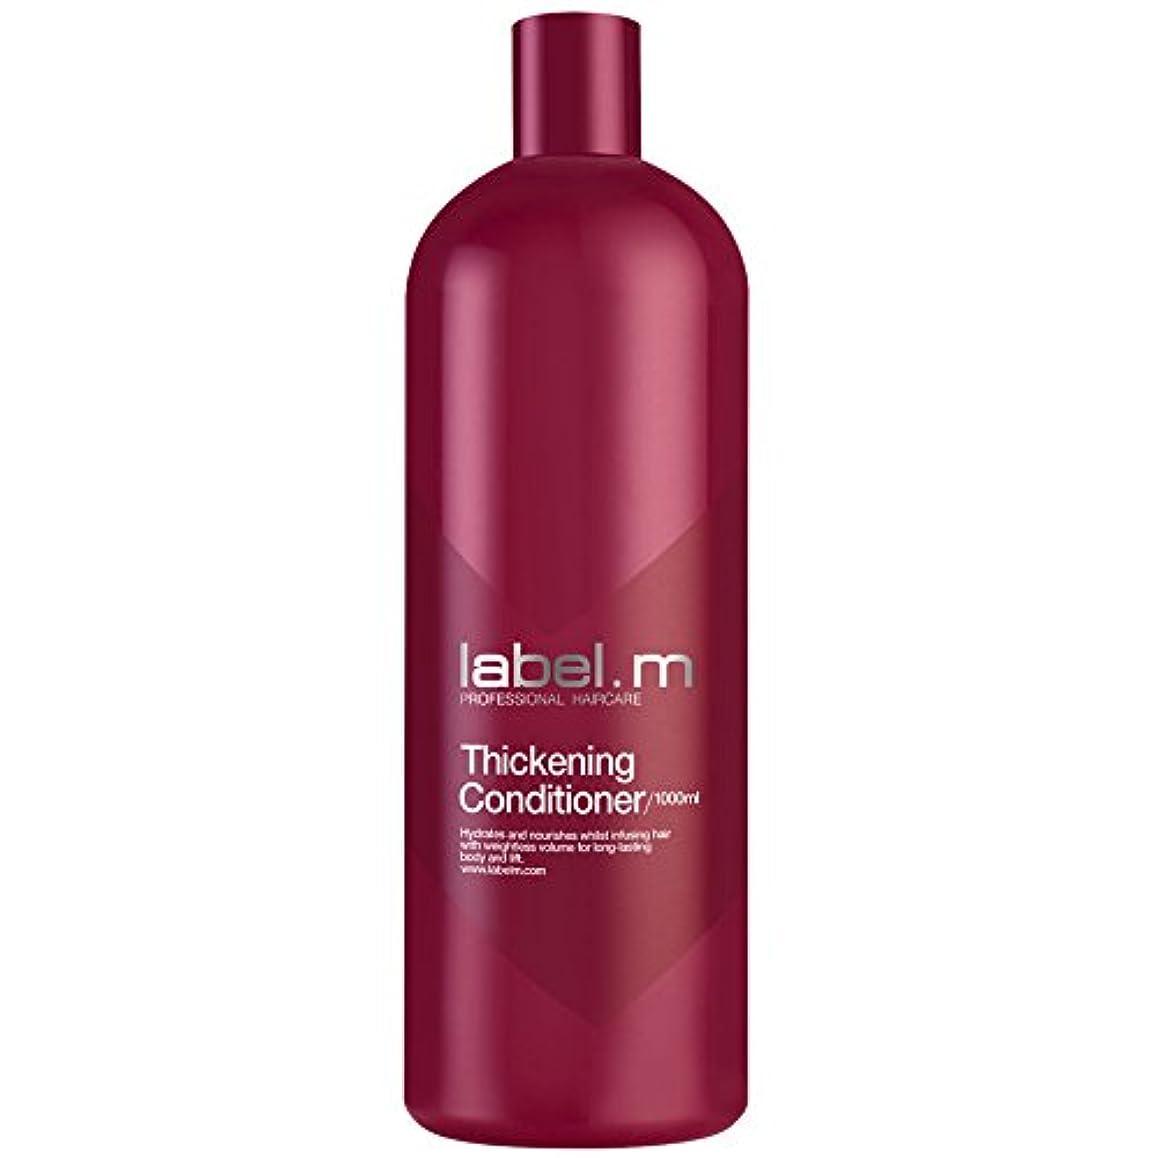 賛美歌一模索レーベルエム シックニング コンディショナー (髪に潤いと栄養を与えて、軽やかでコシとボリュームのある髪を長時間キープします。) 1000ml